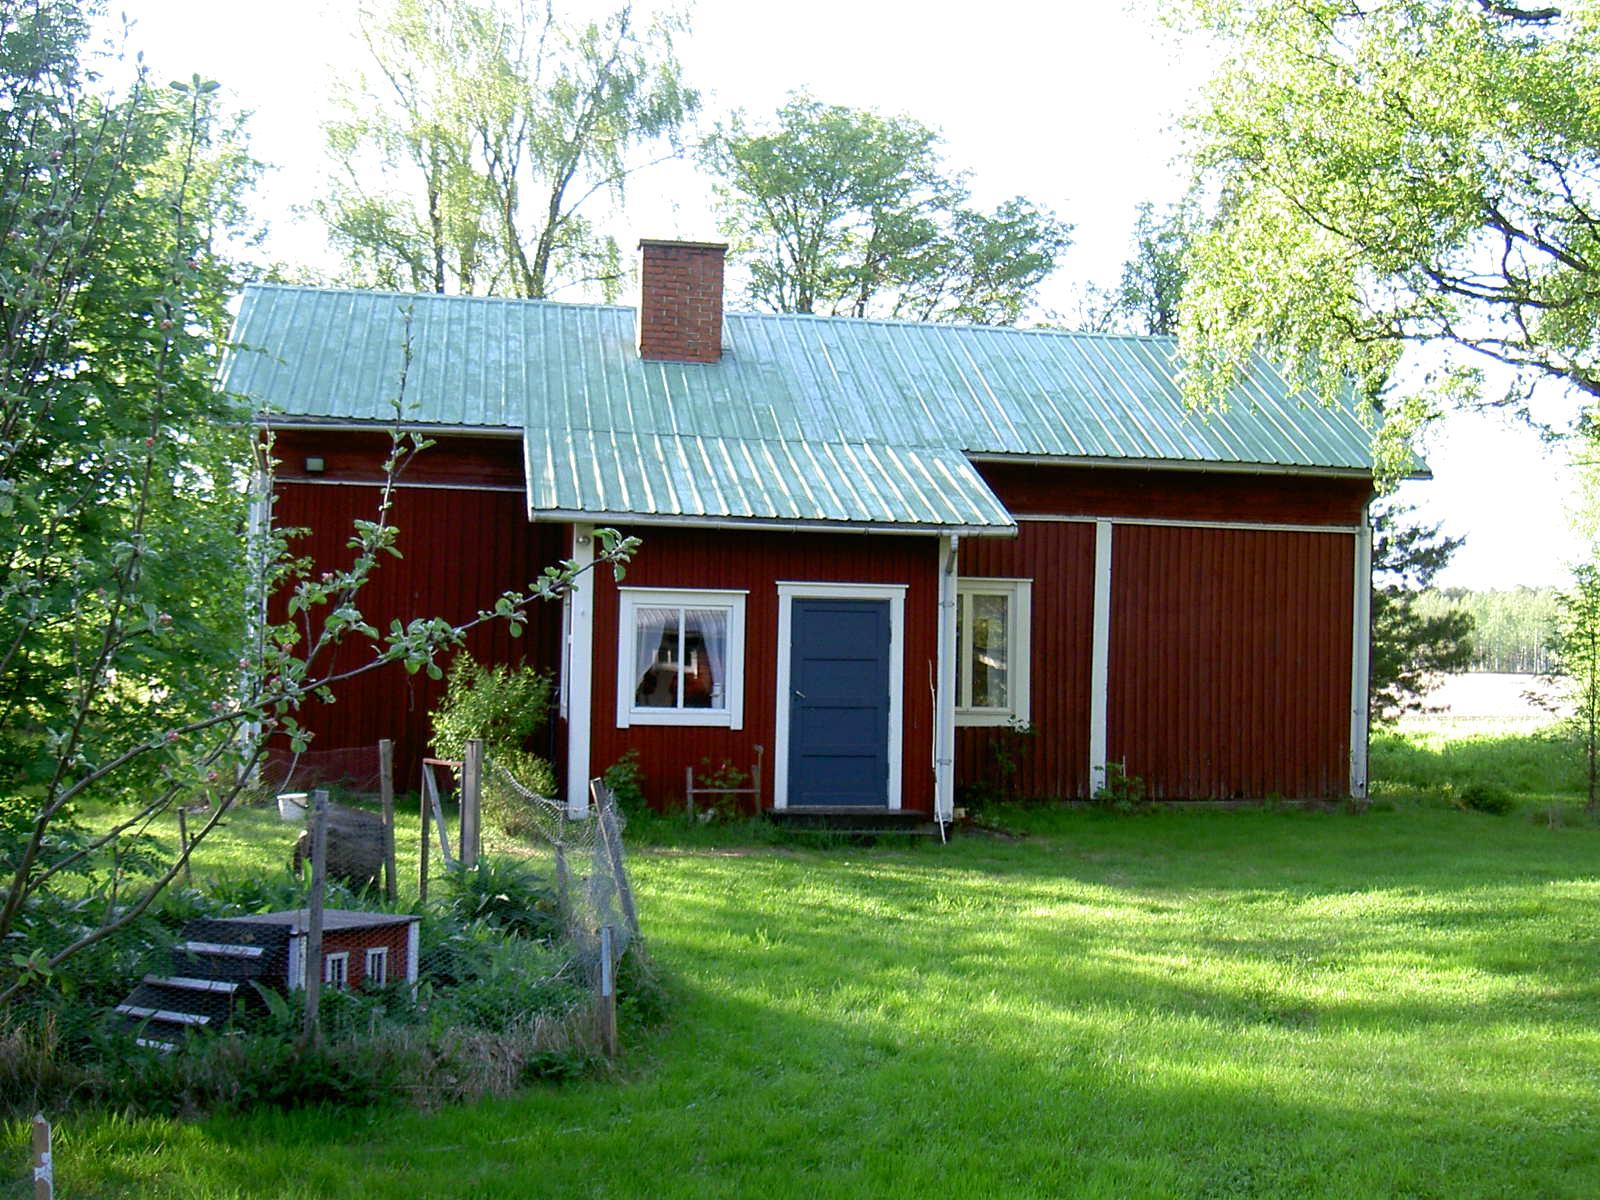 Här den gamla gården fotograferad från gårdssidan, alltså från söder.